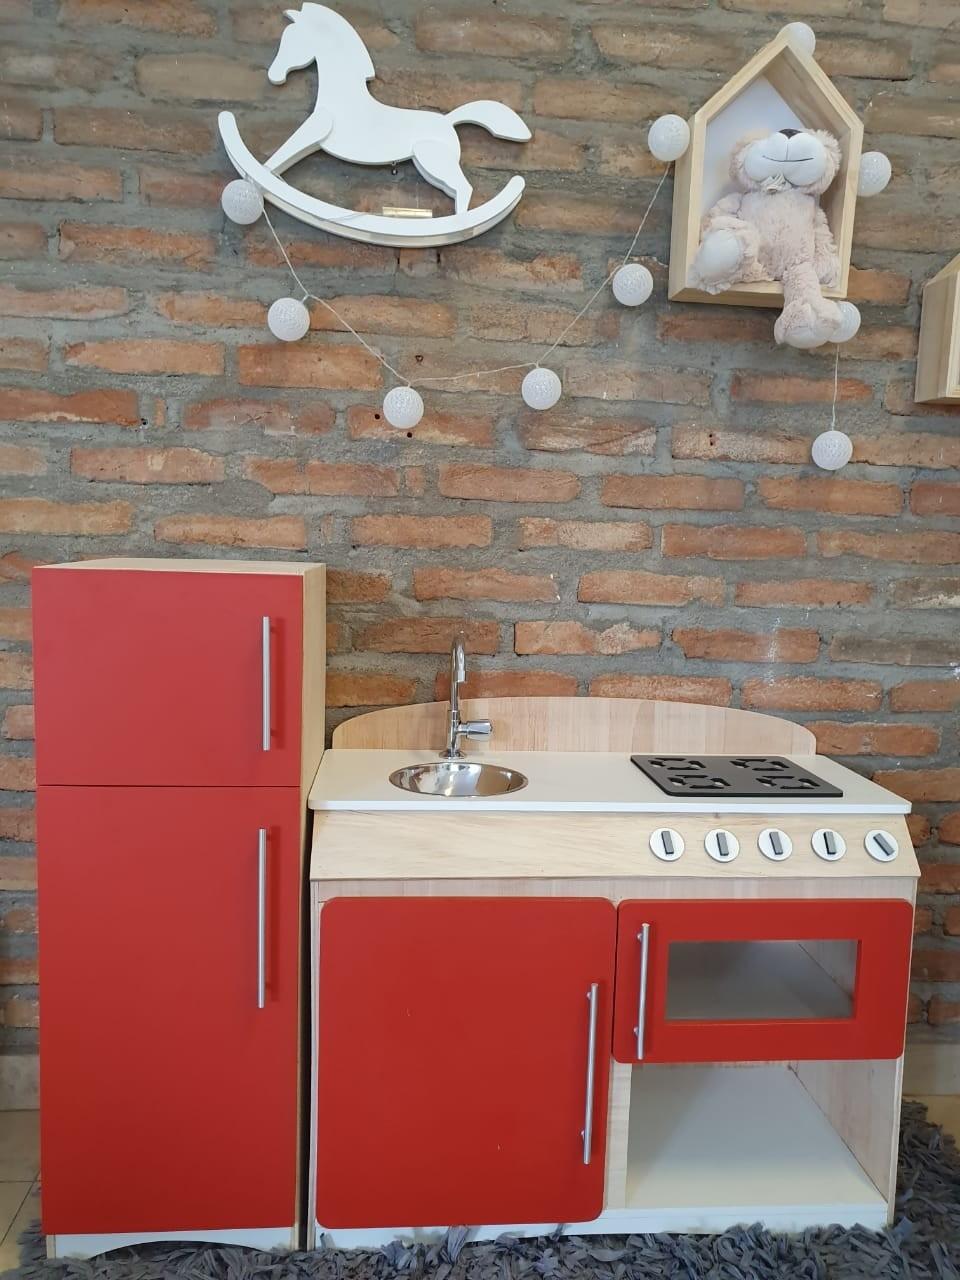 Cozinha Infantil Flórida Vermelha com Refrigerador Fashion Toys